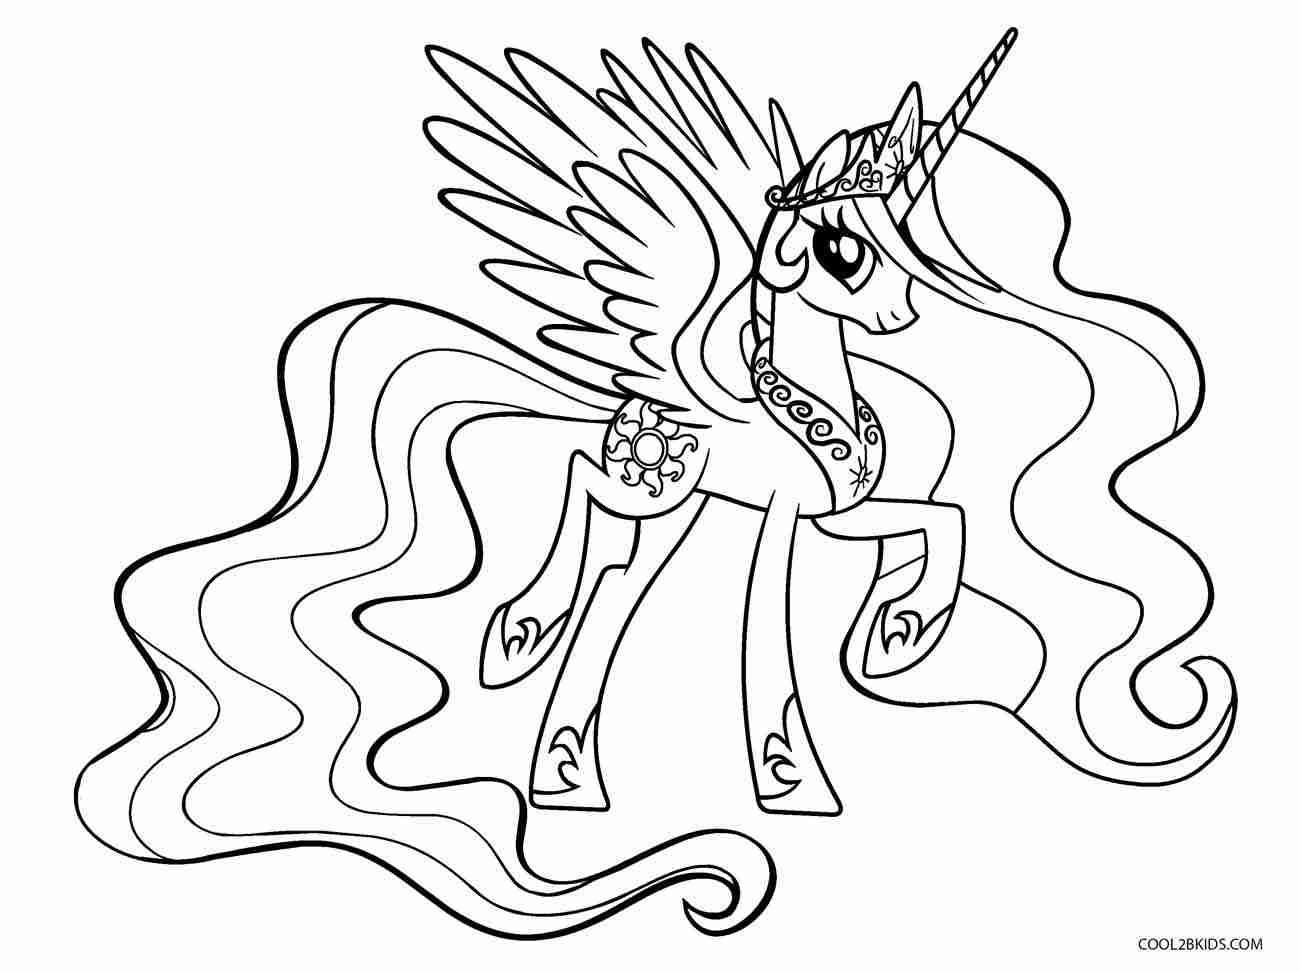 malvorlagen kostenlos my little pony ausmalbilder - kinder